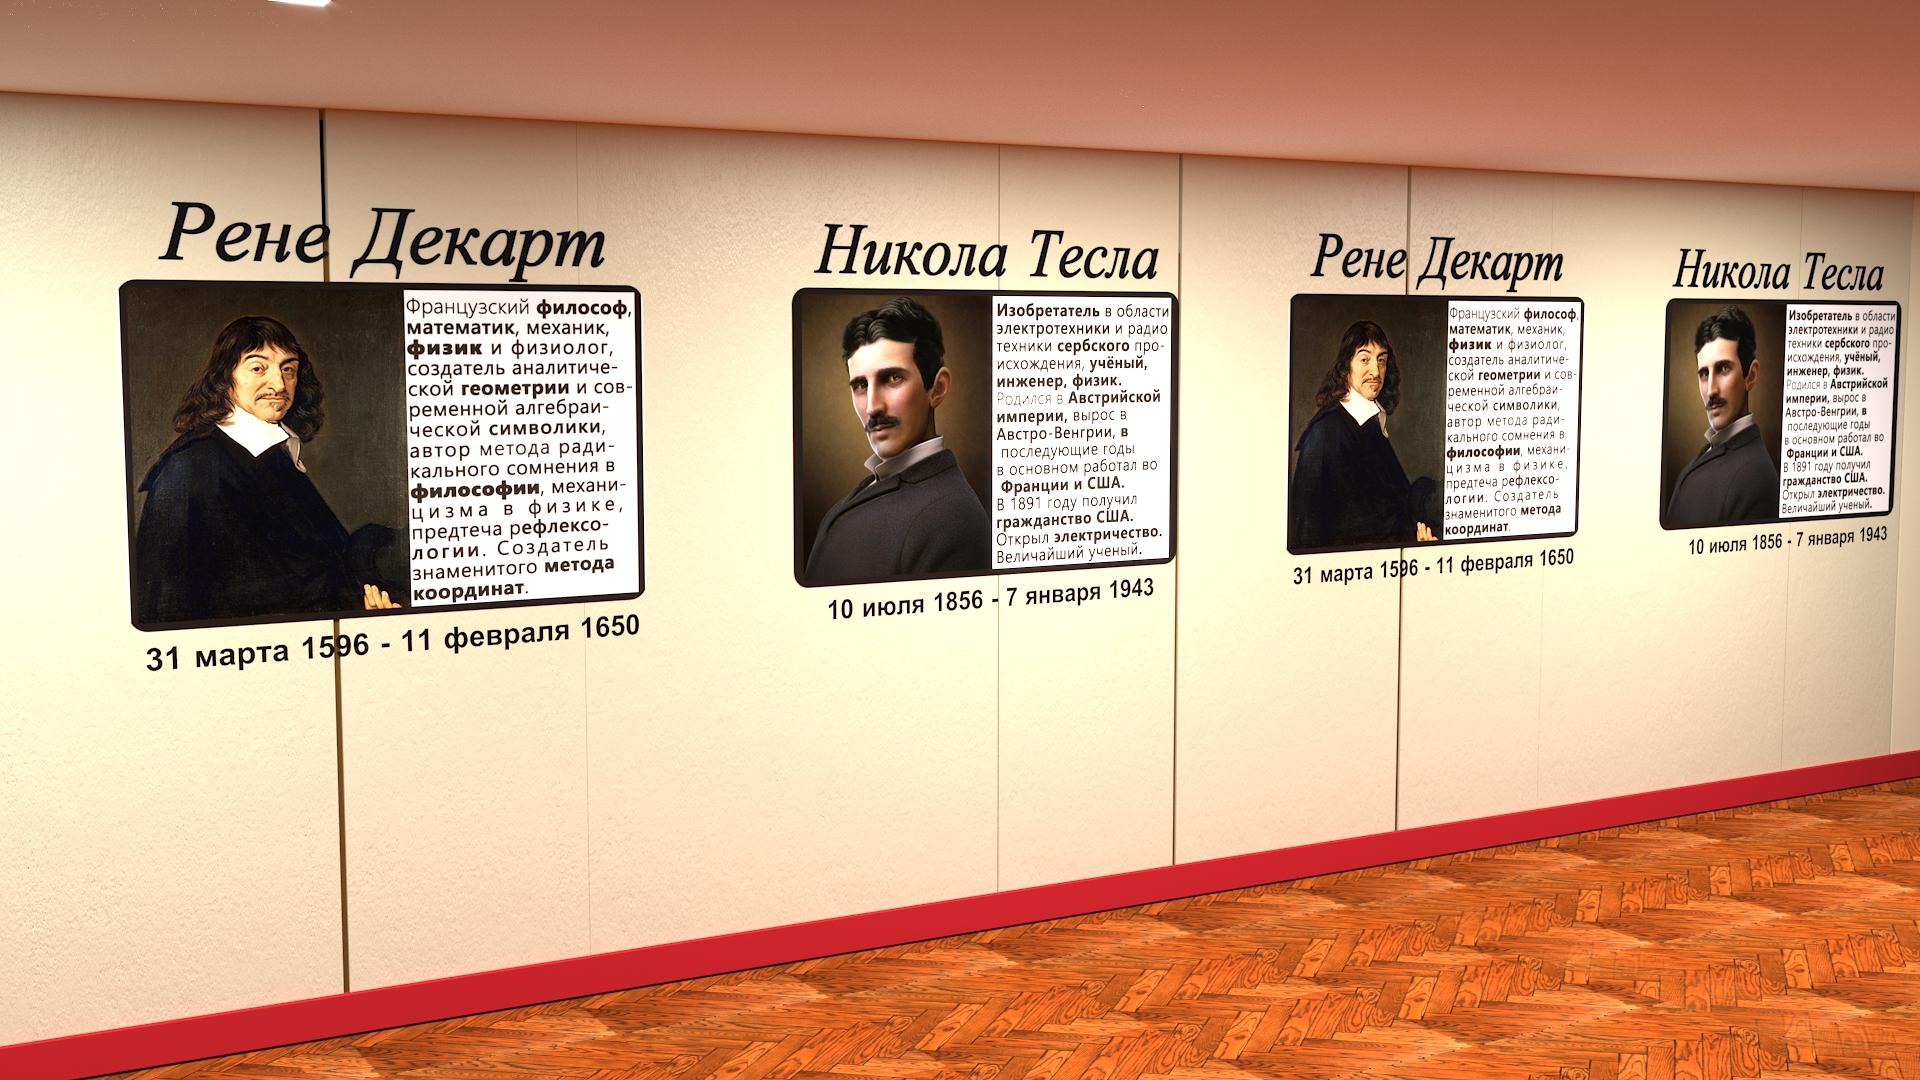 Предложить идею оформления портретов (с информацией) на стене фото f_6385e1f41572fa5f.jpg